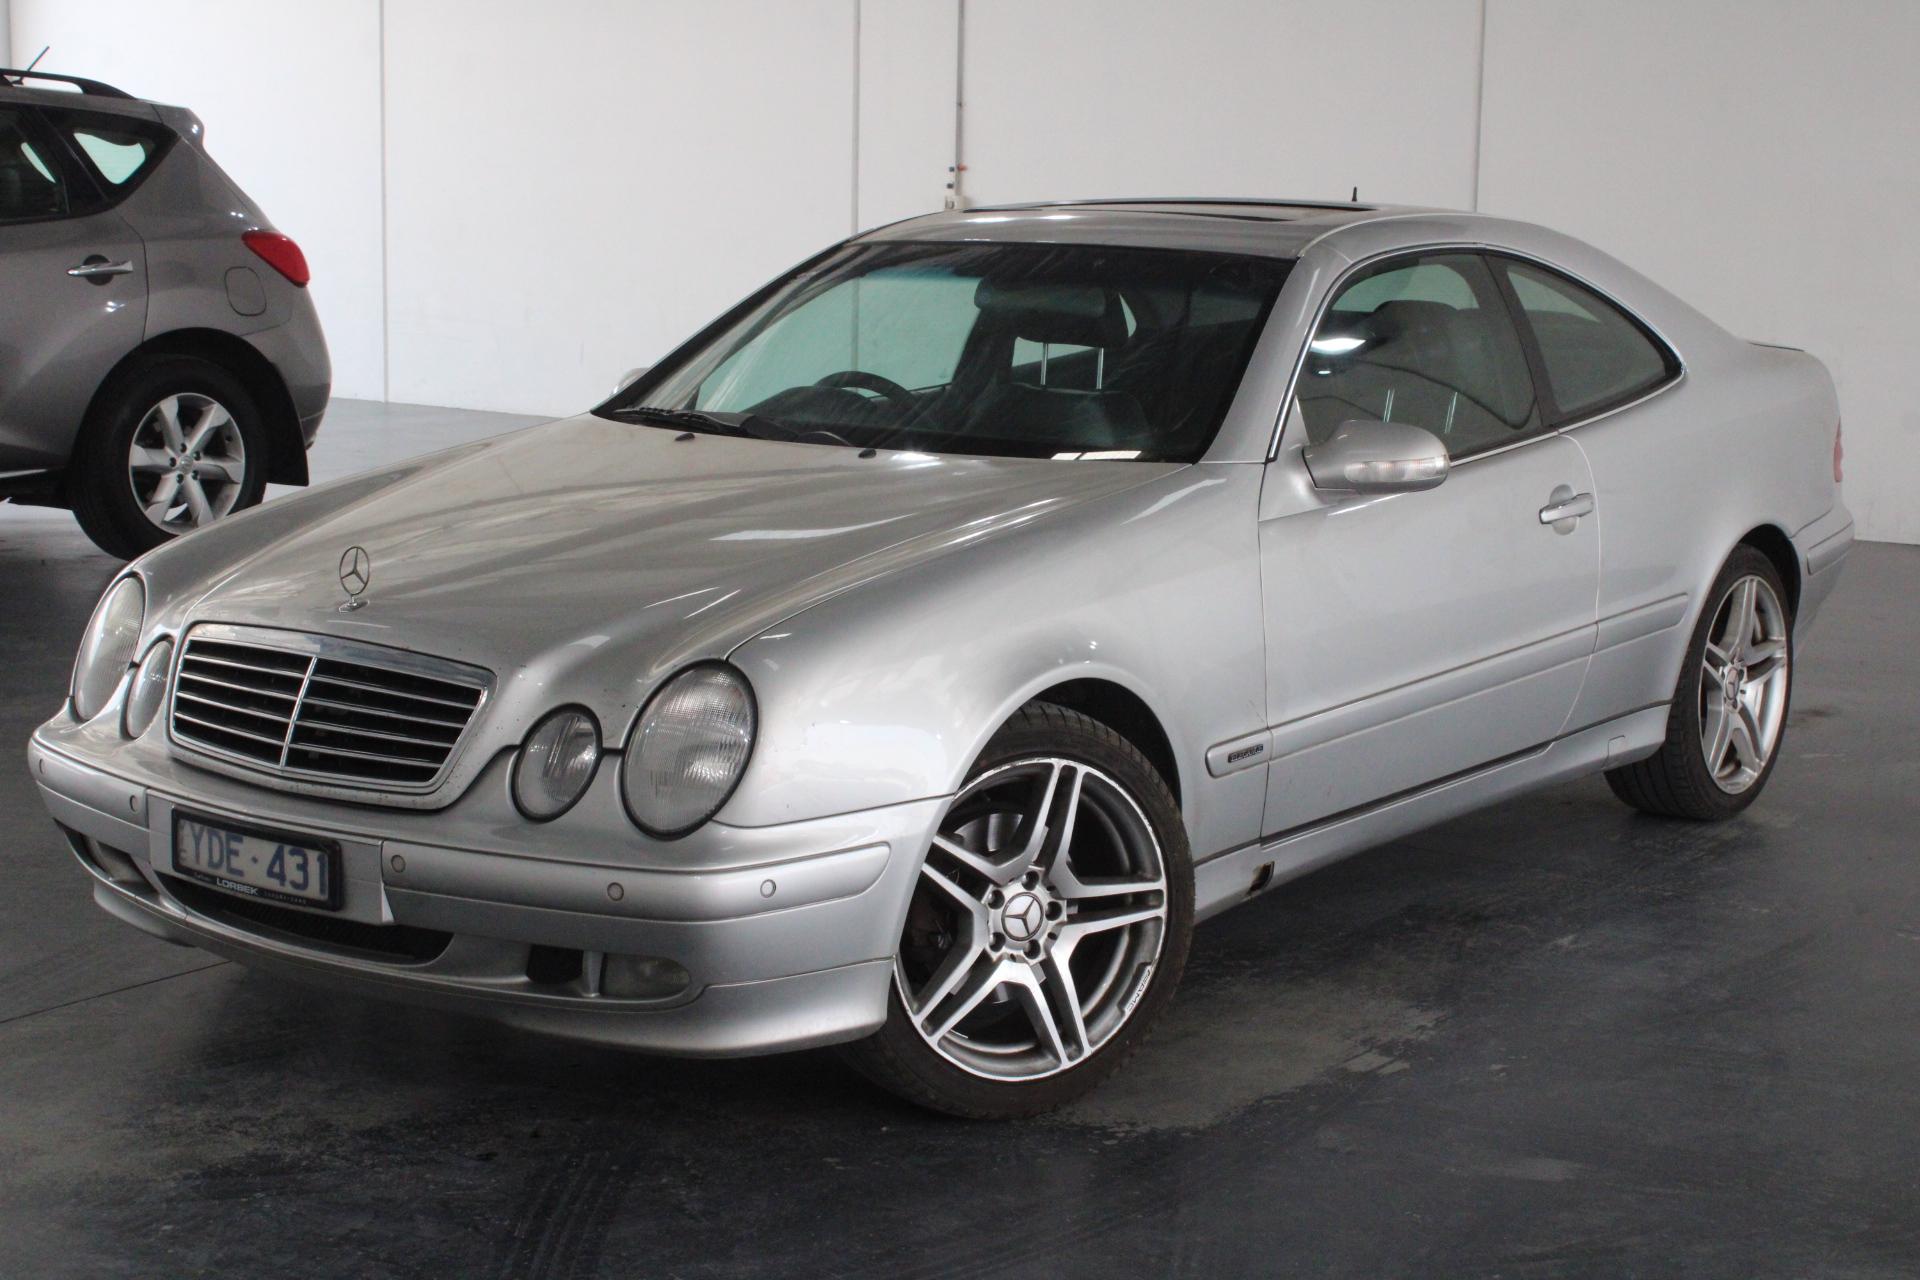 2001 Mercedes Benz CLK320 Elegance C208 Automatic Coupe